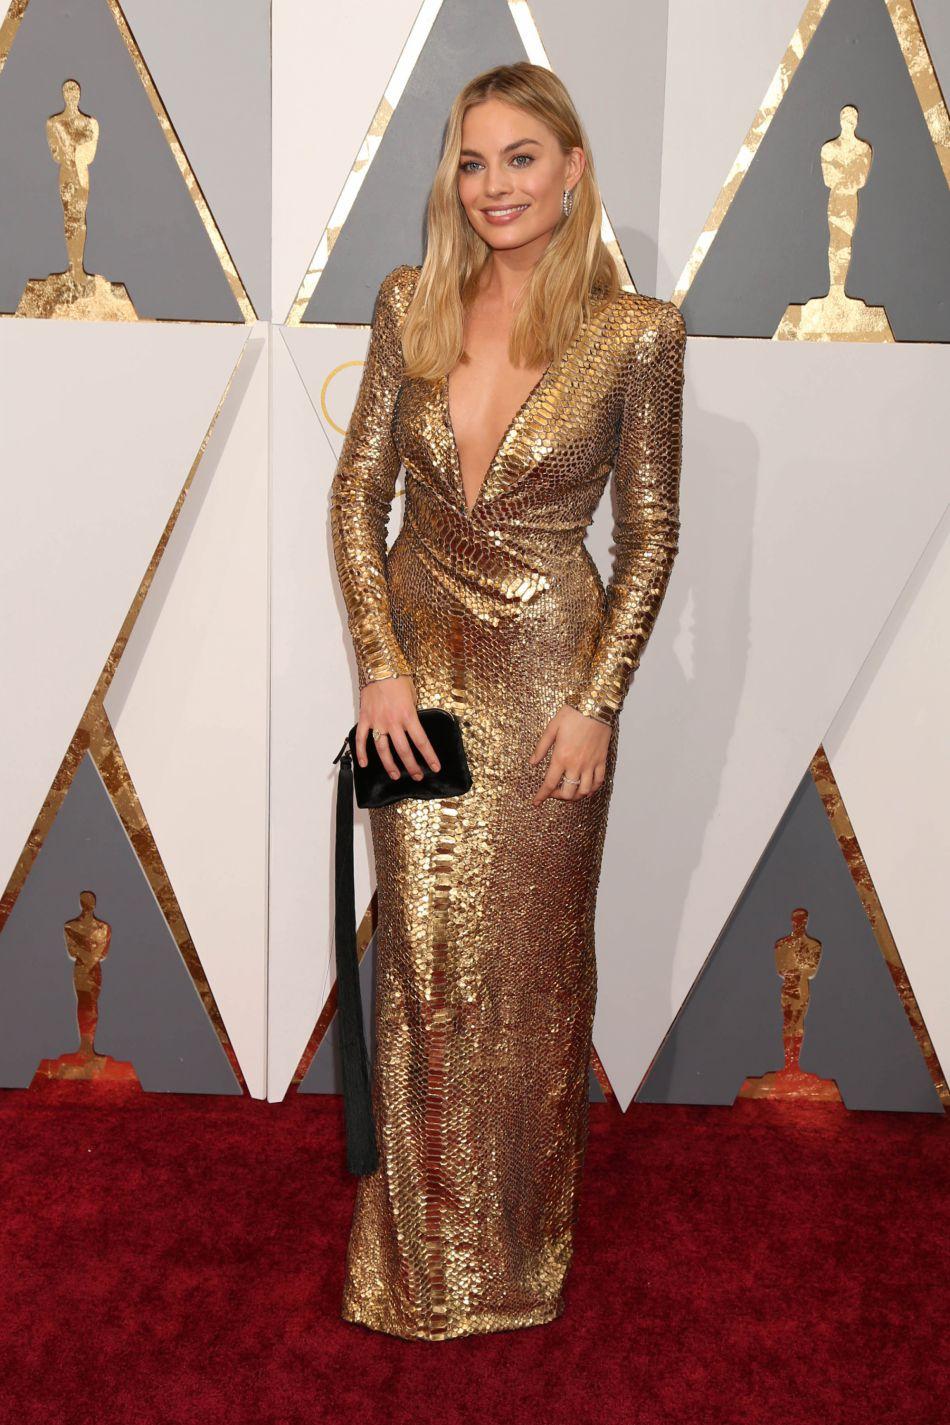 Une robe gold Tom Ford pour les Oscars a hissé Margot Robbie au rang des filles les plus stylées.